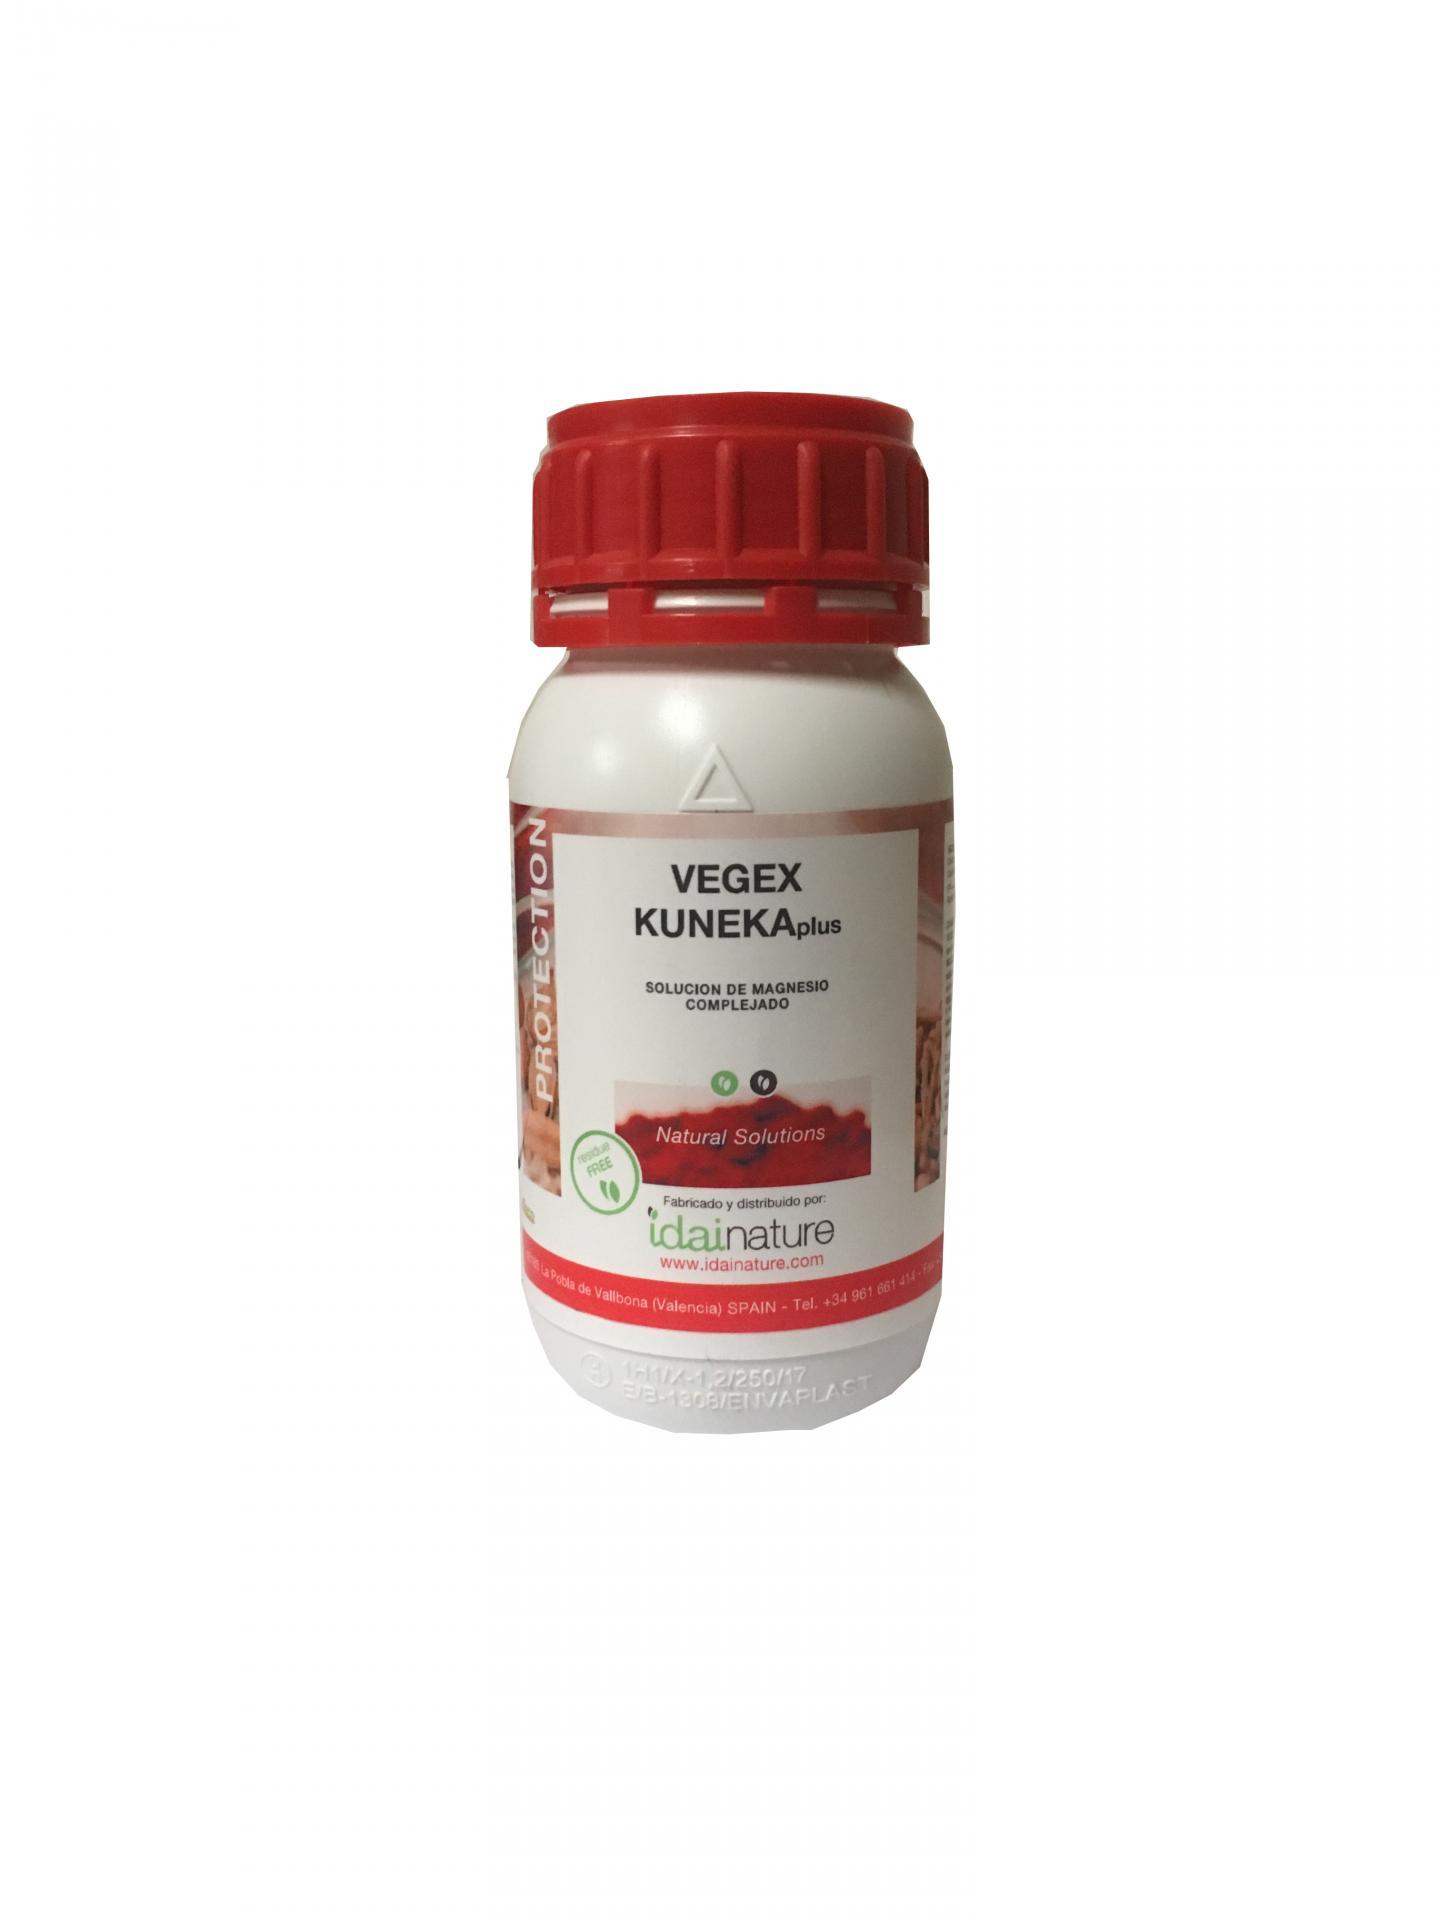 Vegex Kuneka Plus